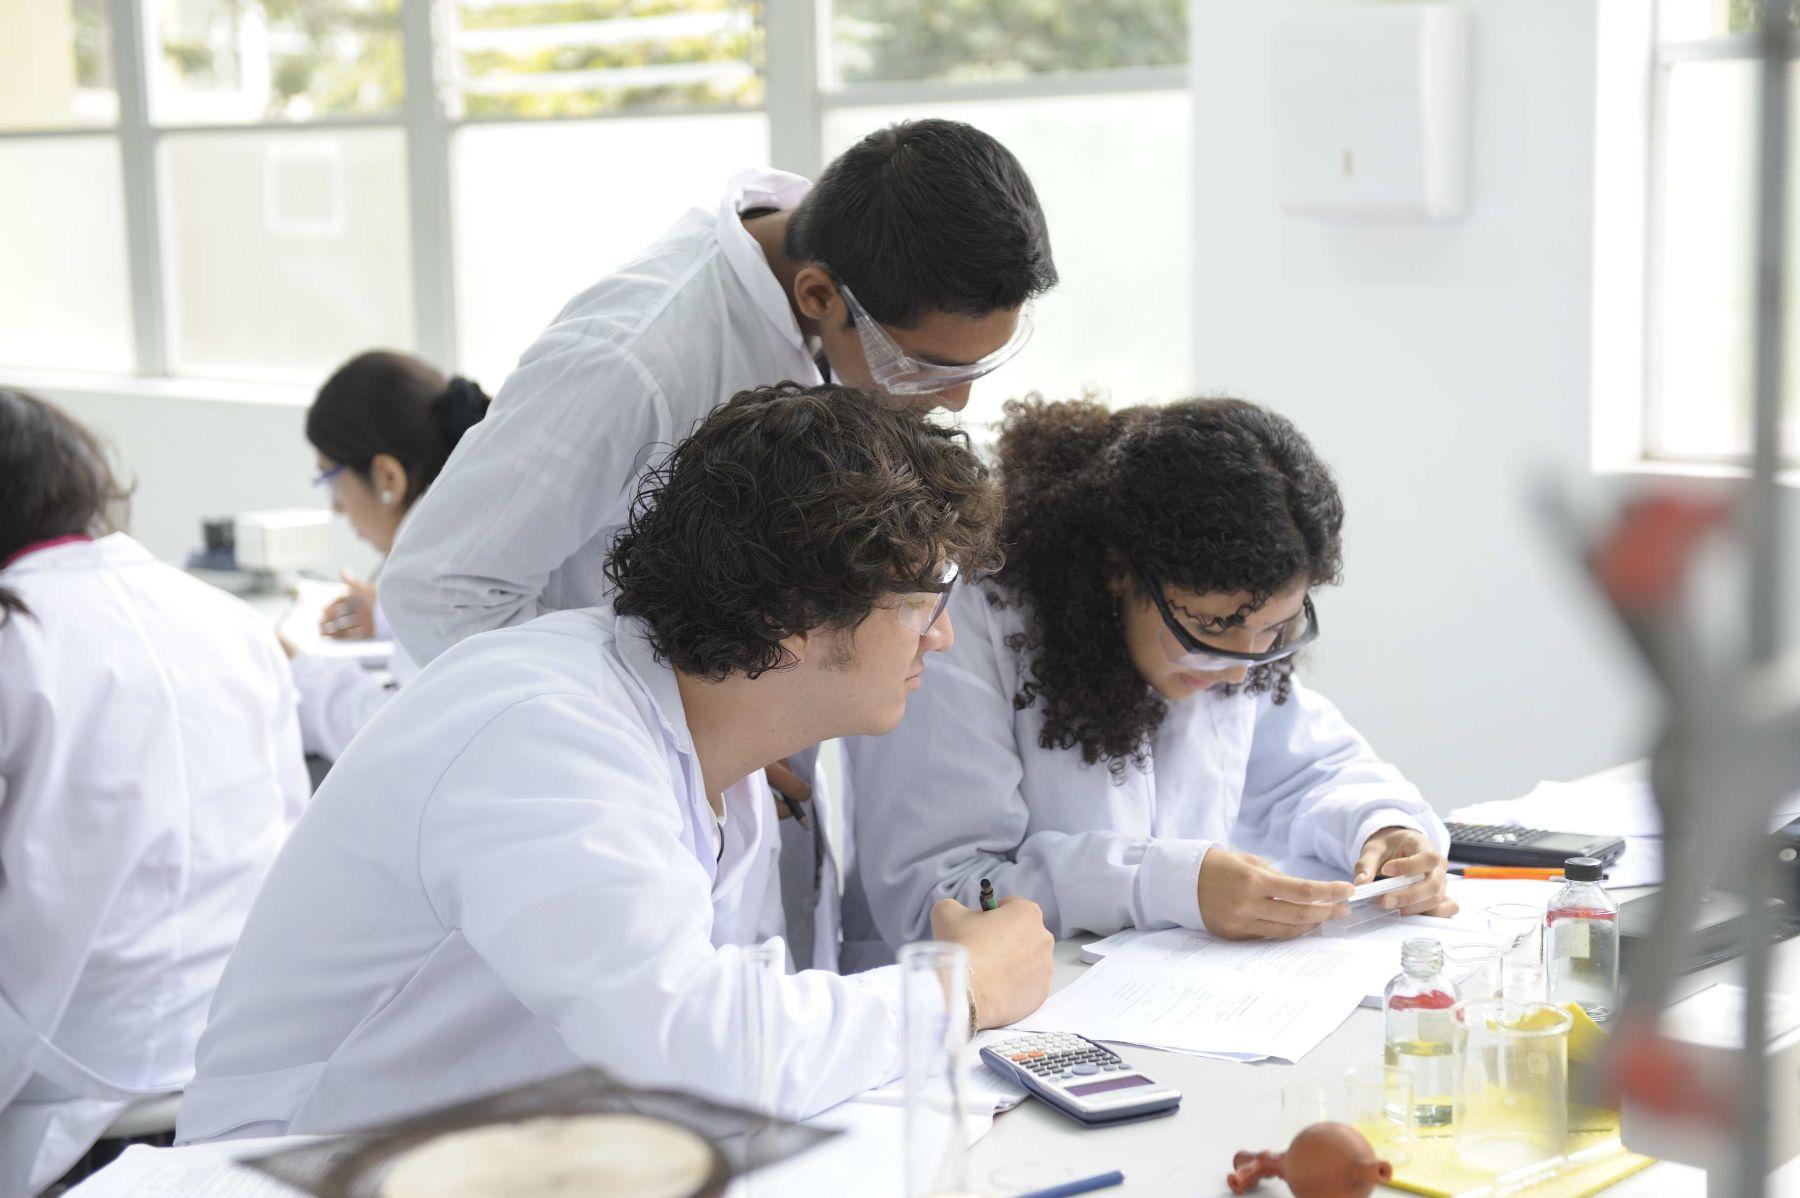 Investigadores peruanos tiene acceso ahora a importantes bases de datos científicos. Foto: Andina/Difusión